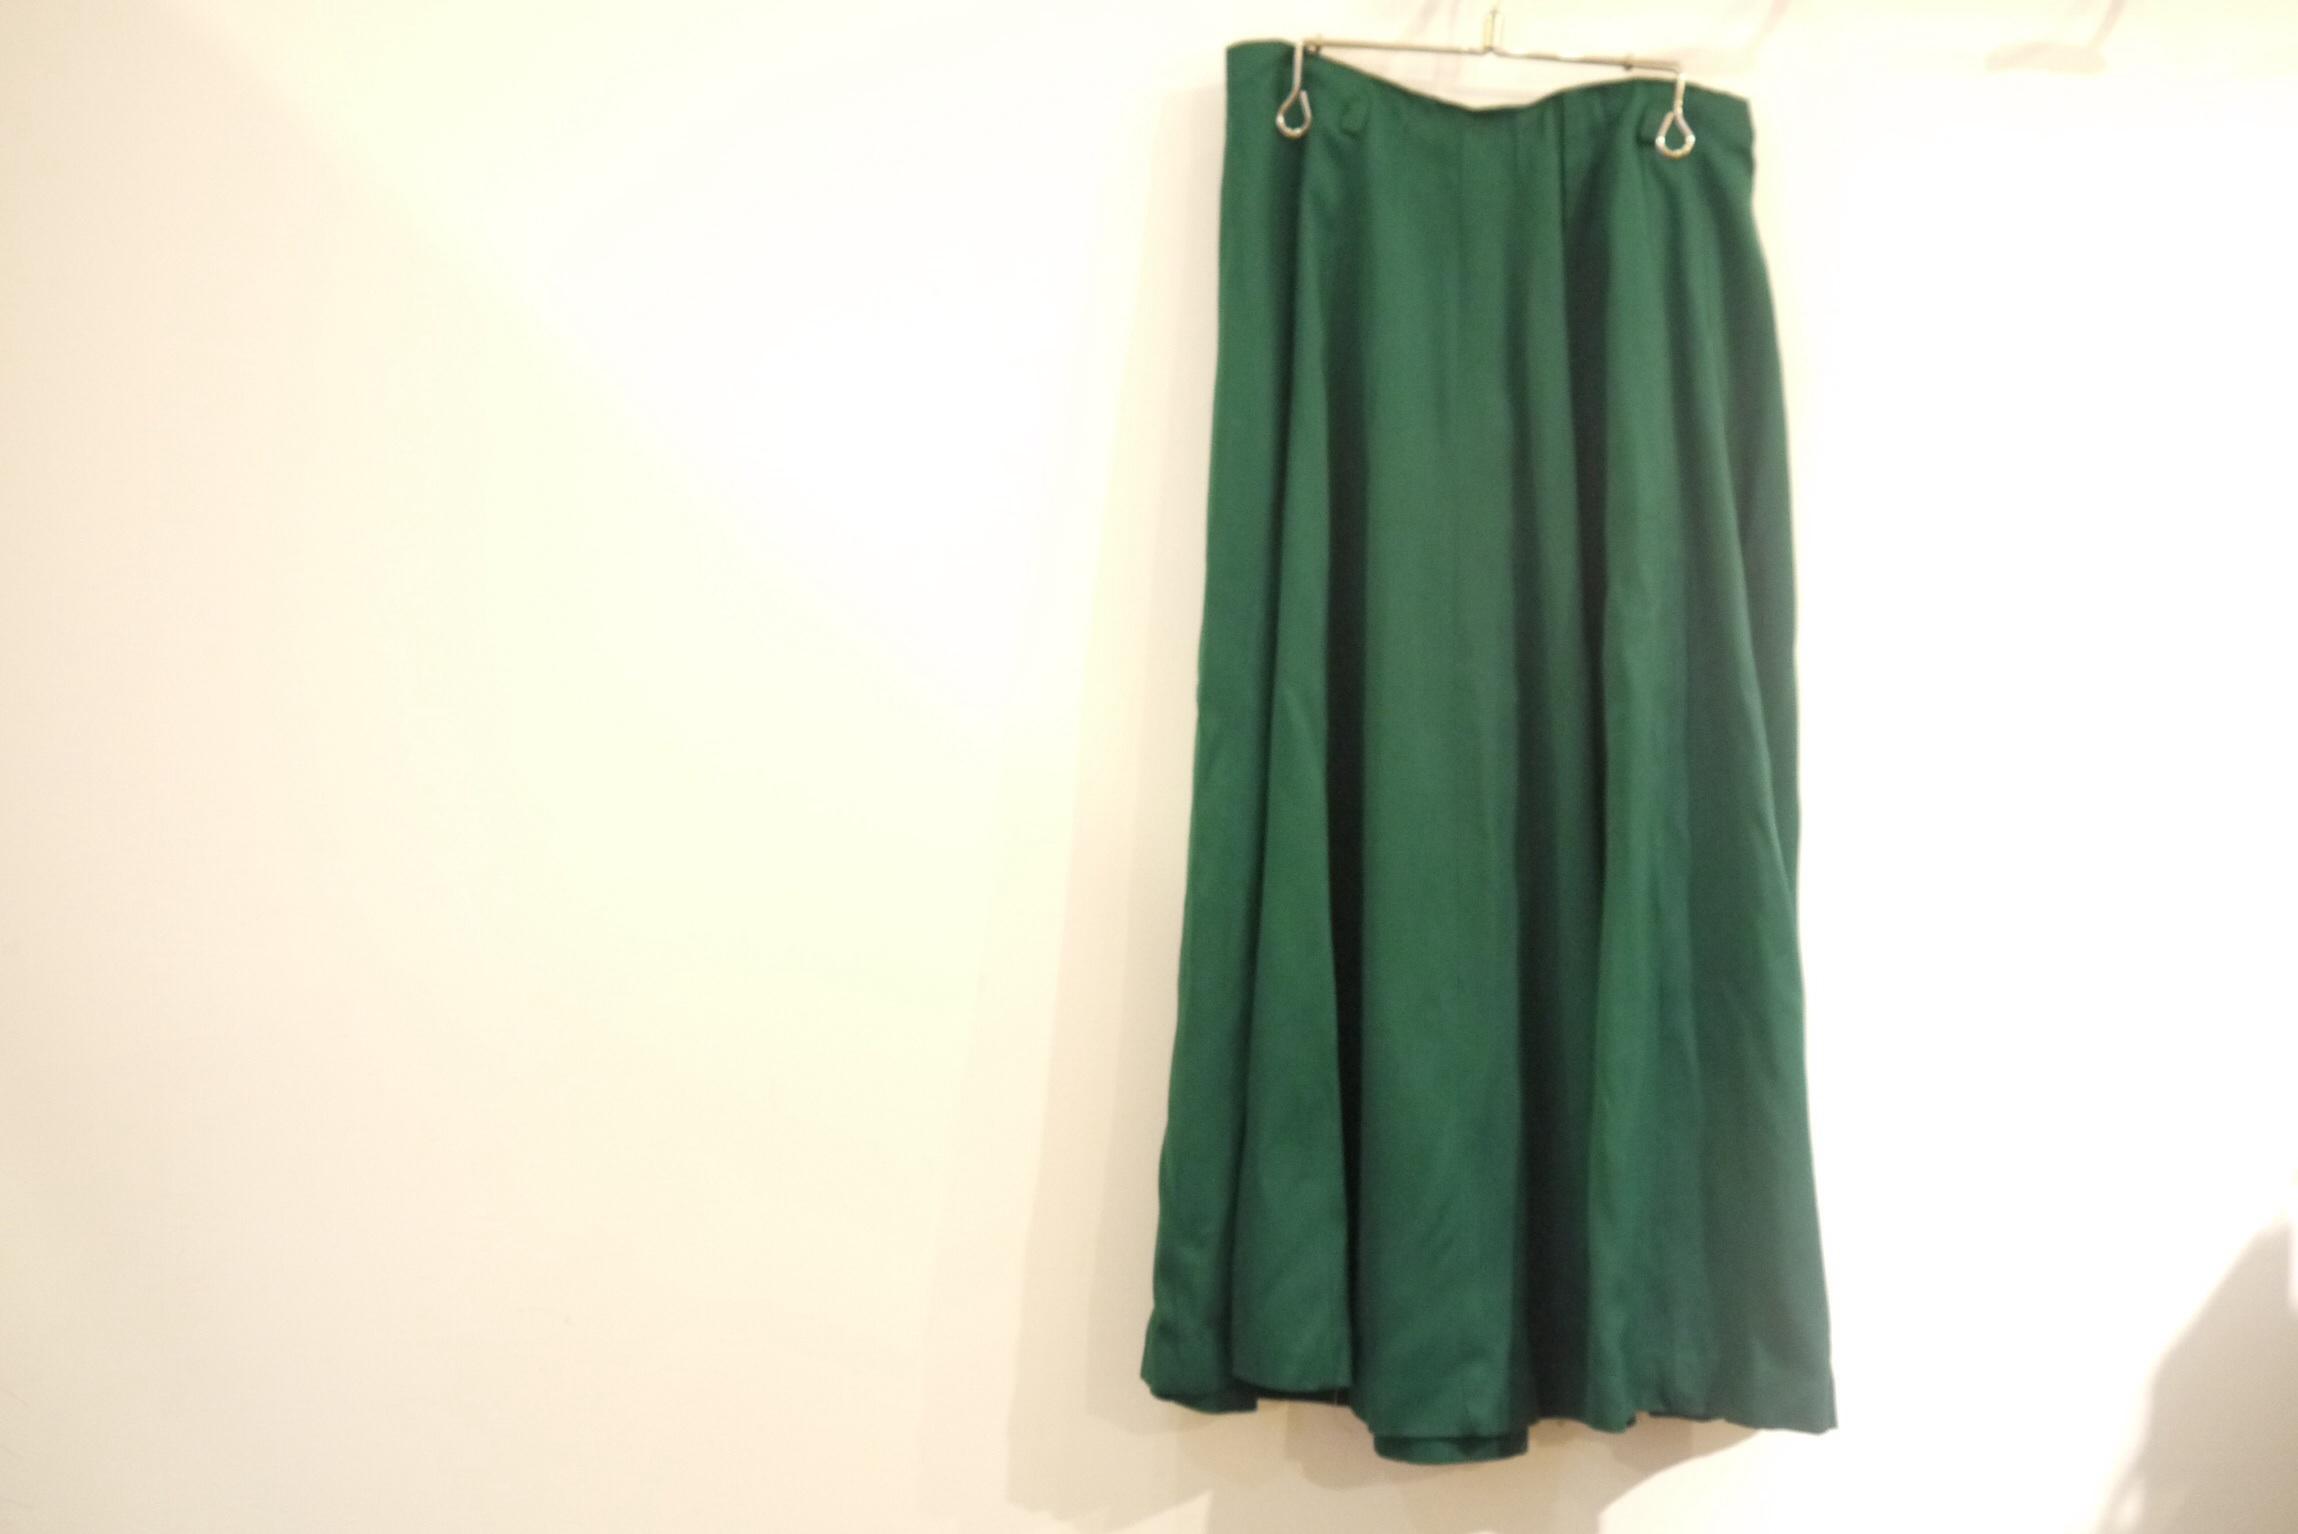 long skirt style_f0335217_10450949.jpg